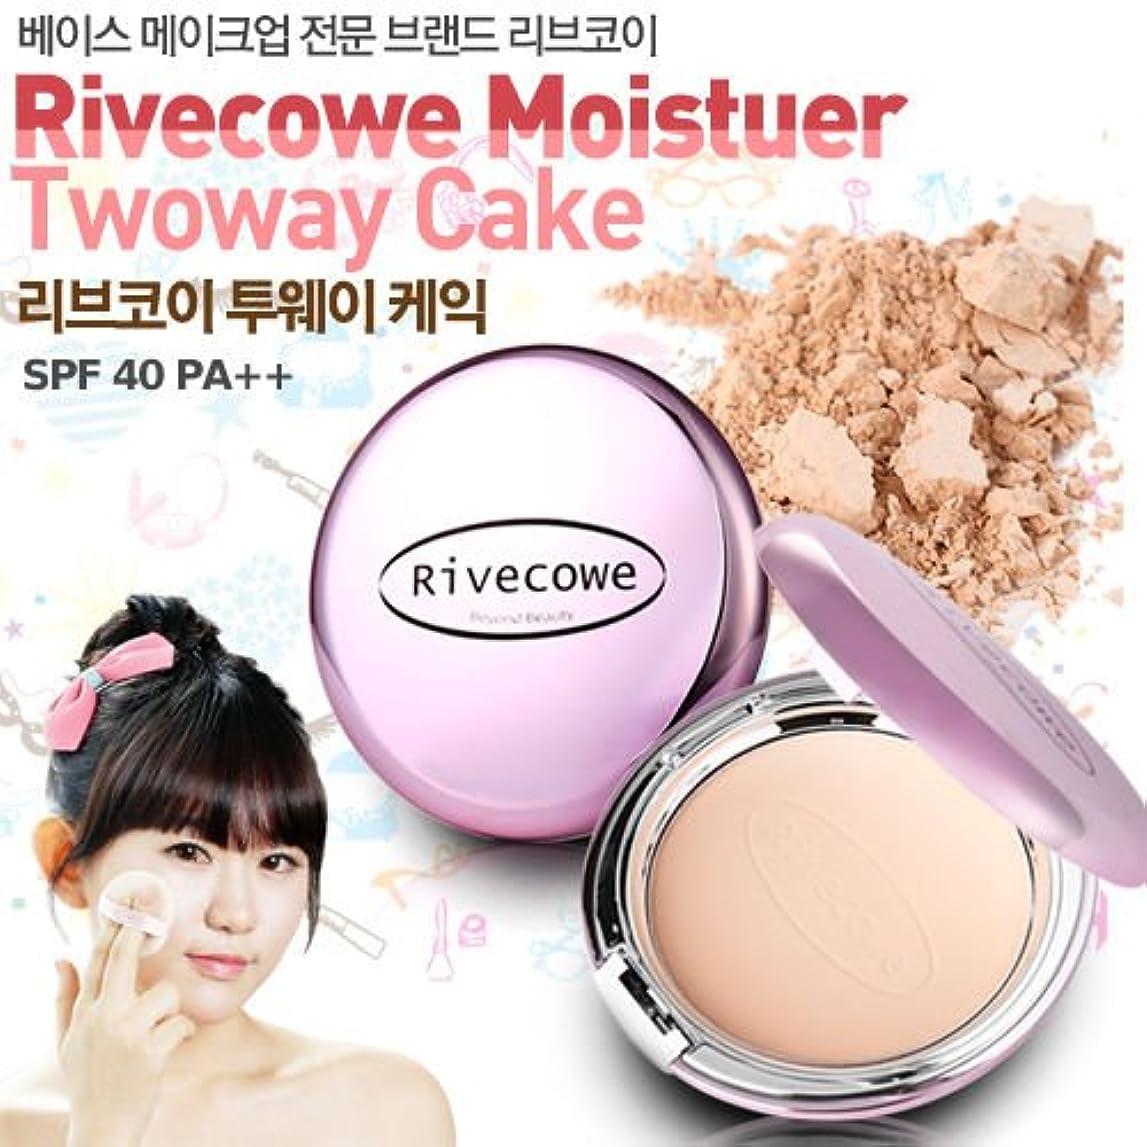 骨ポルノ冷蔵庫Rivecowe Moisture Twoway Cake (Foundation + Powder) SPF40PA++ 12g (No. 21 Natural Beige) [並行輸入品]